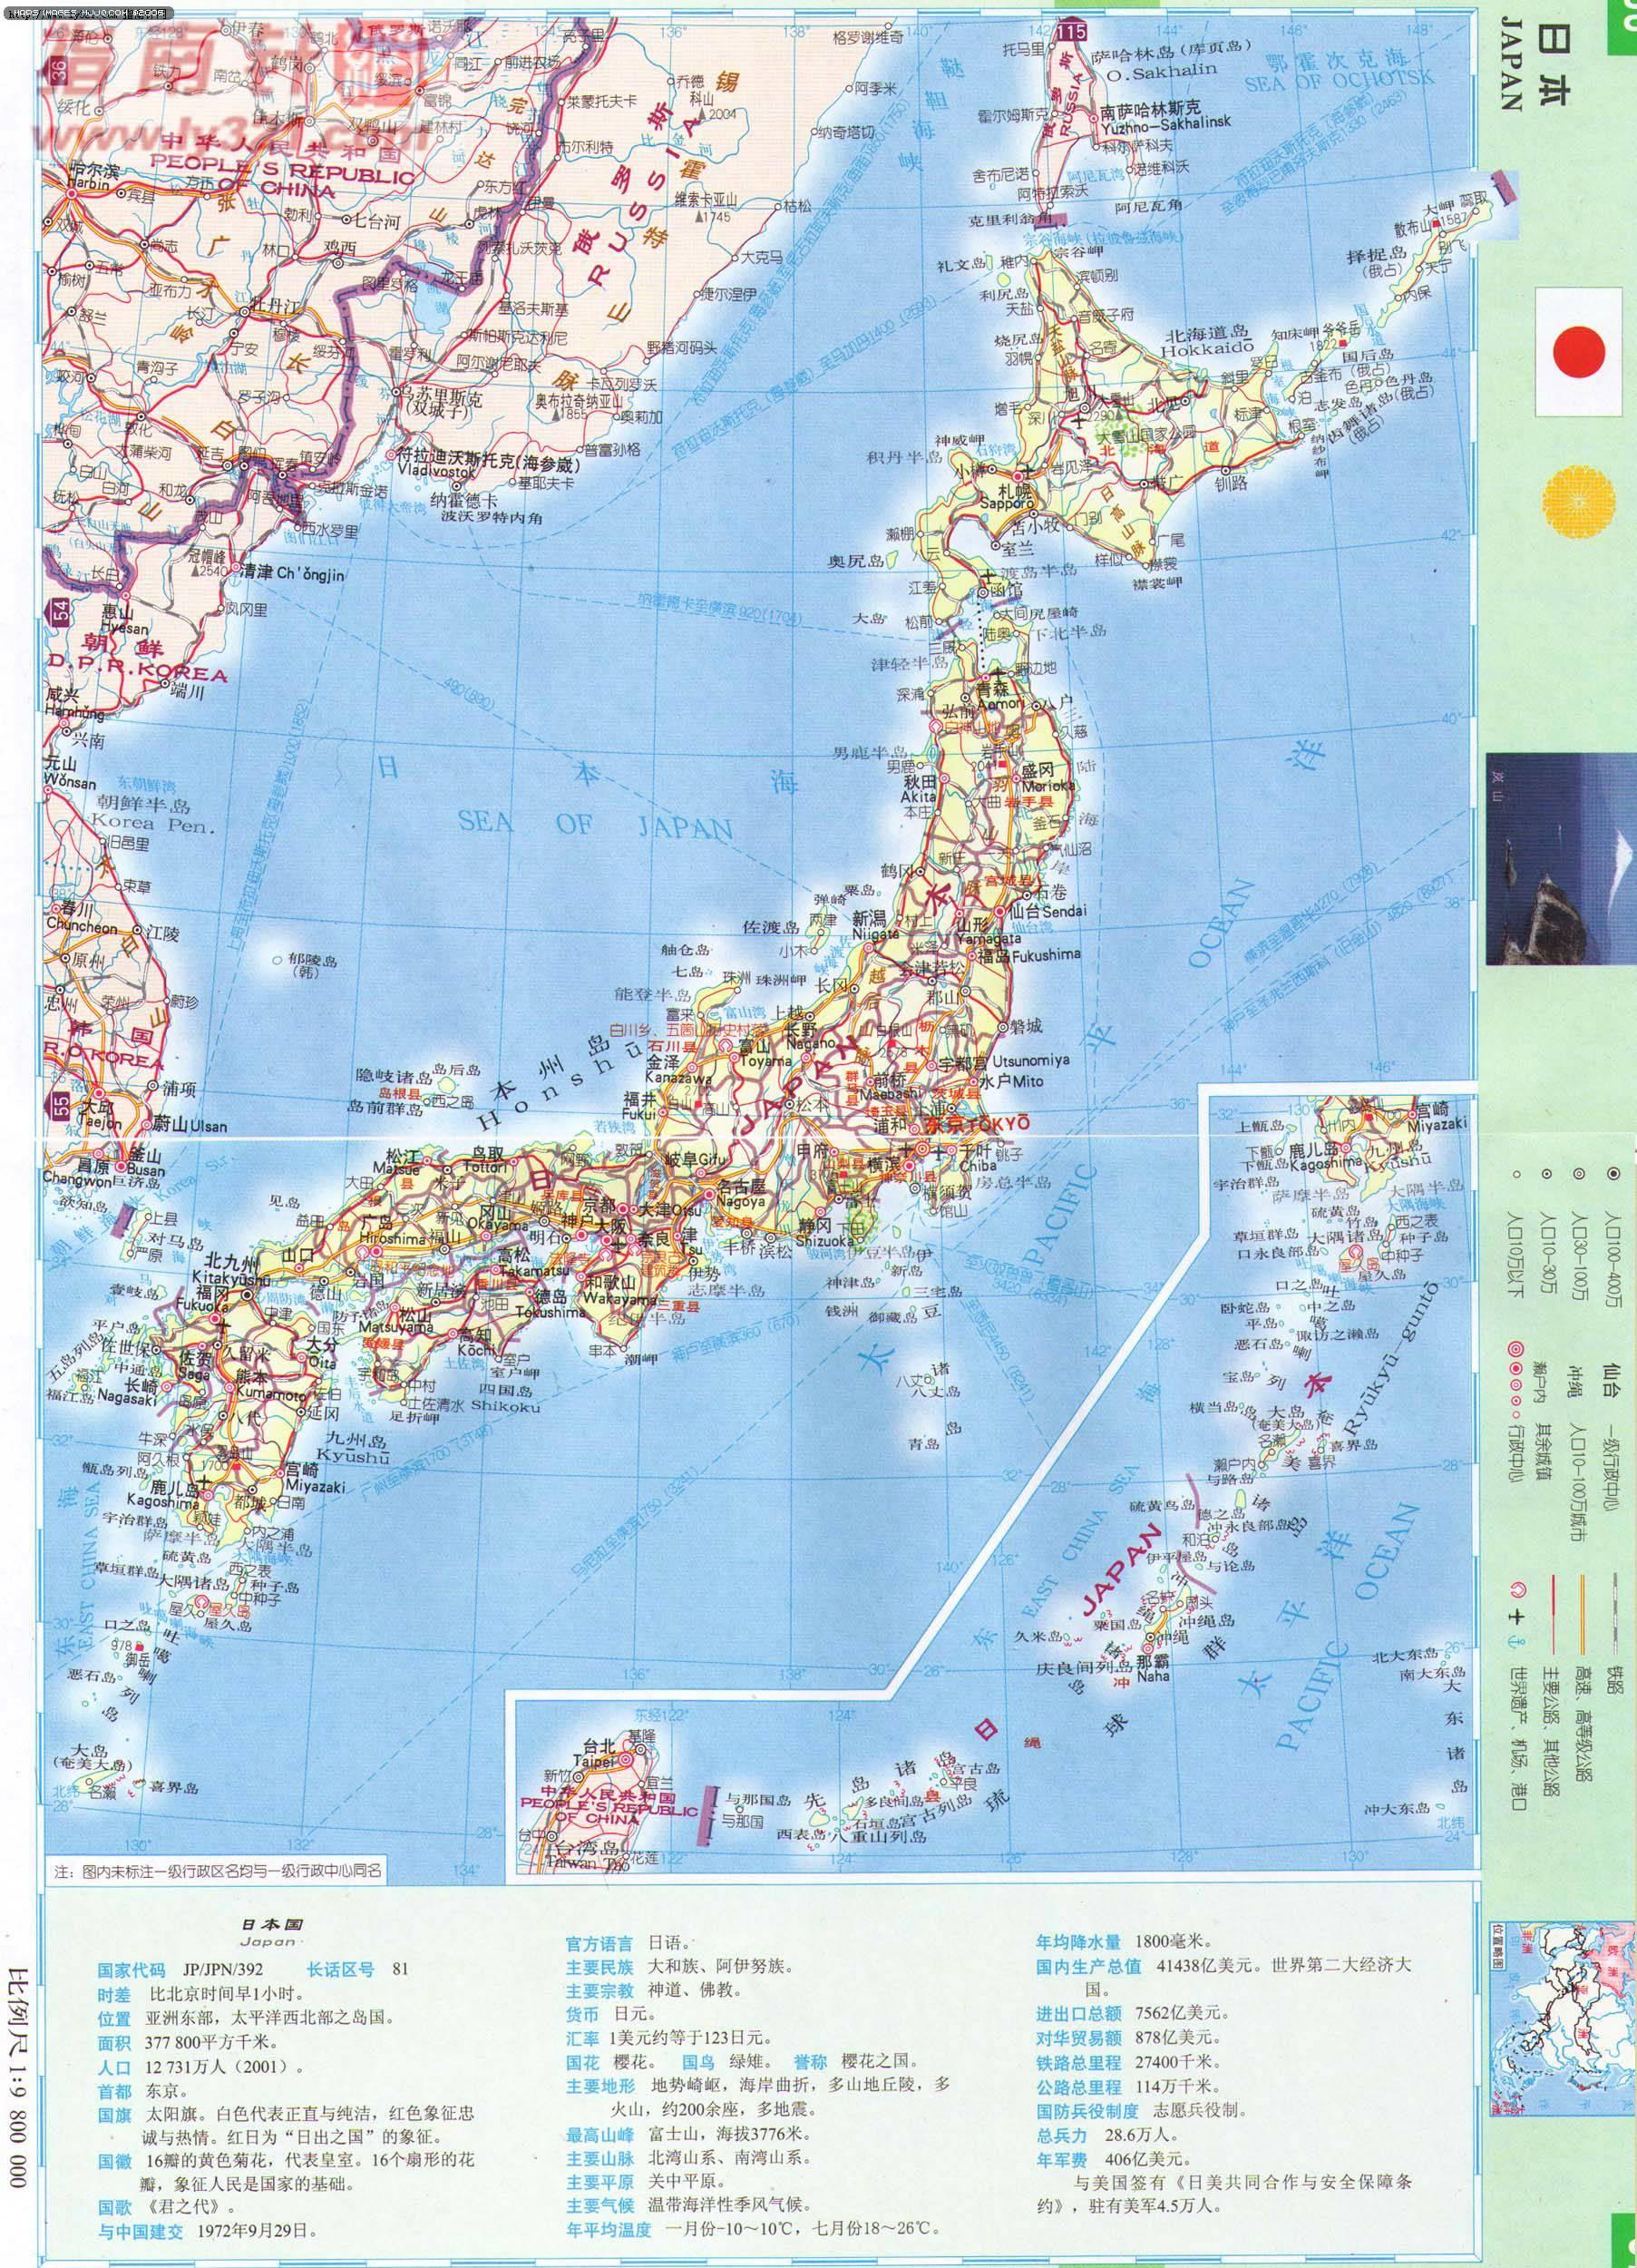 东京迪士尼海洋地图_日本地图 - 亚洲地图 Asia Map.世界地图- 美景旅游网